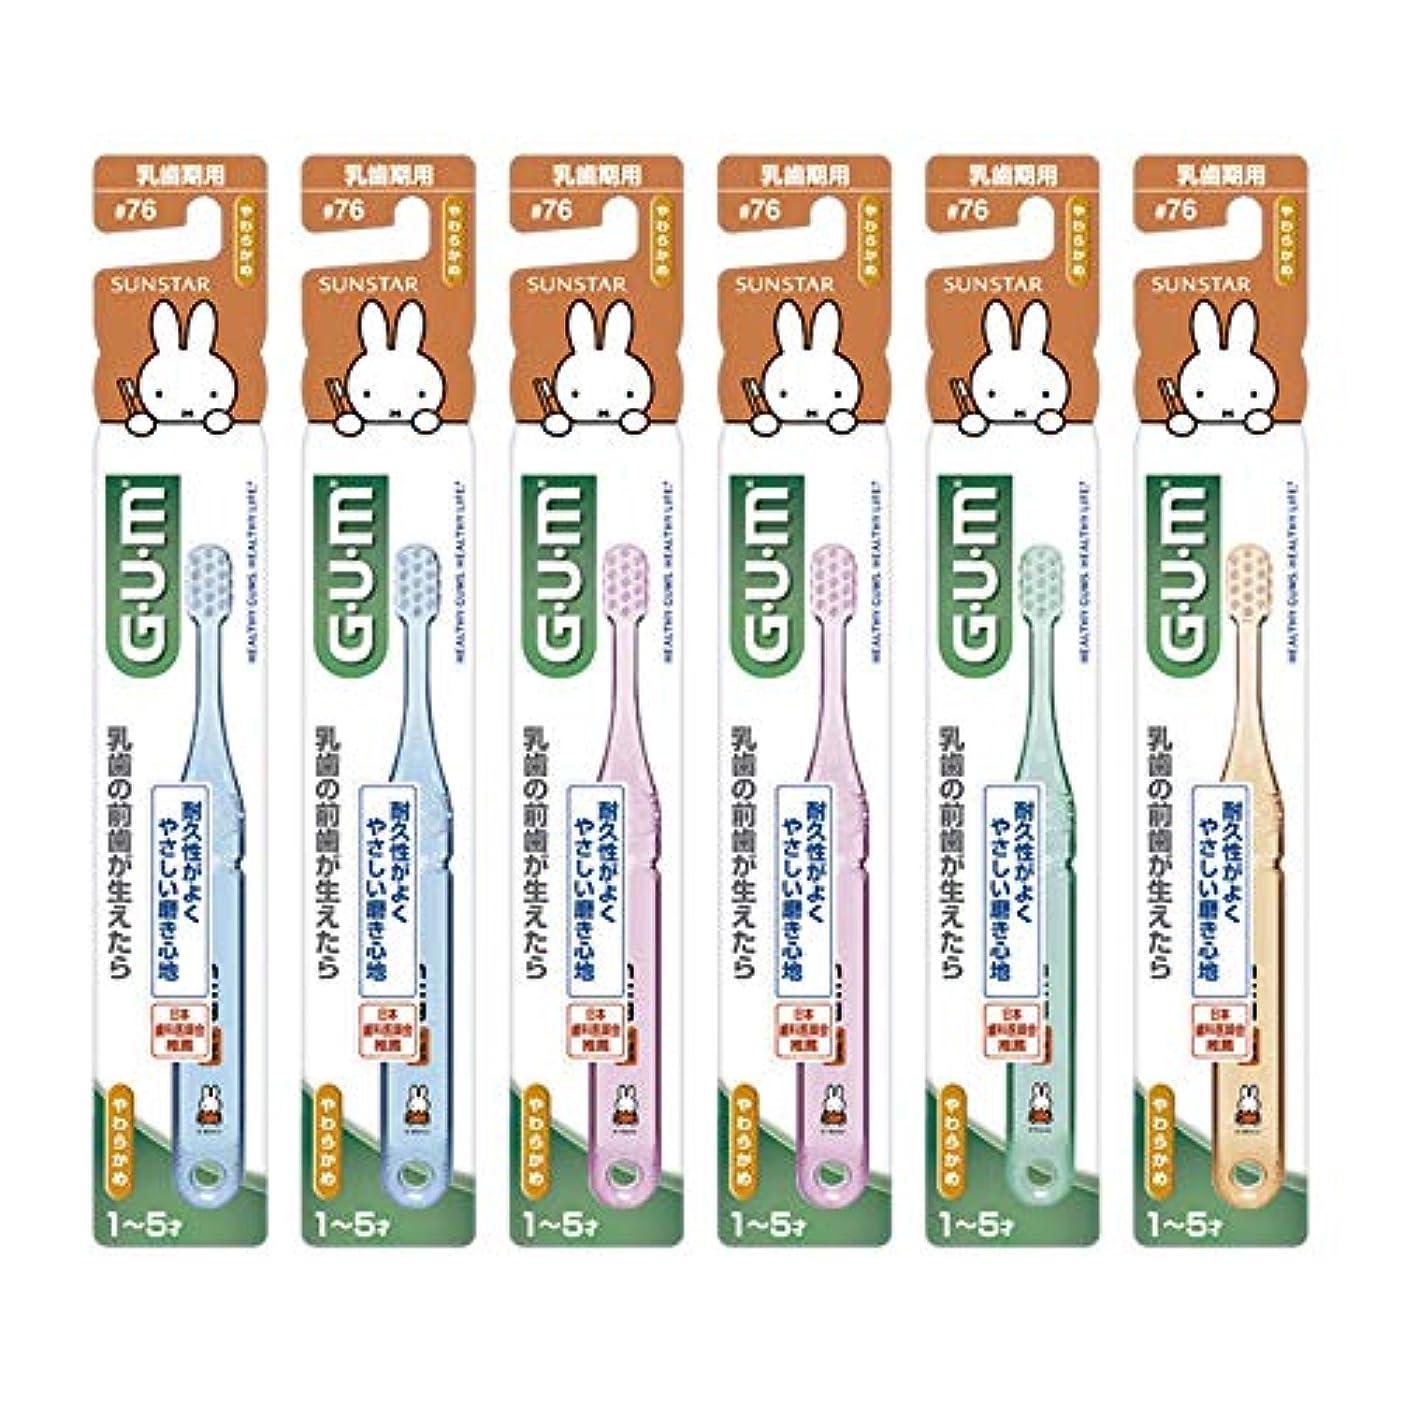 前提の配列エンコミウムGUM(ガム) デンタル こども 歯ブラシ #76 [乳歯期用/やわらかめ] 6本パック+ おまけつき【Amazon.co.jp限定】